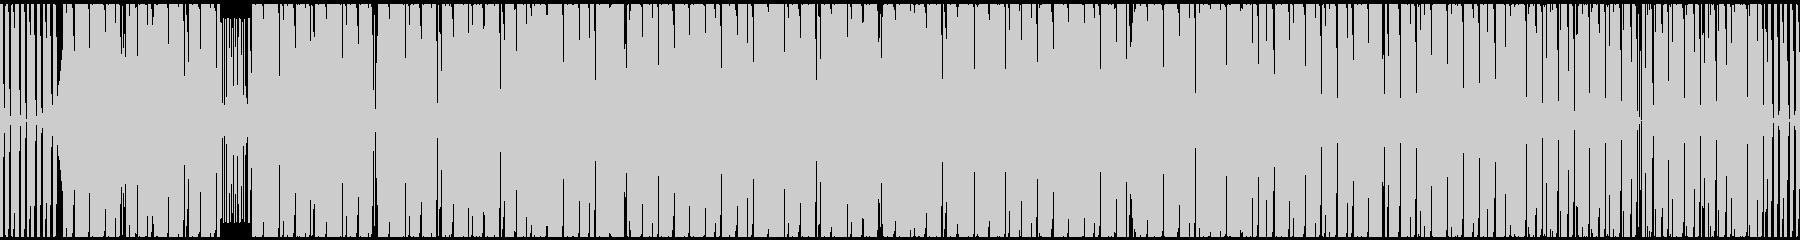 かっこいいベースロックポップの未再生の波形